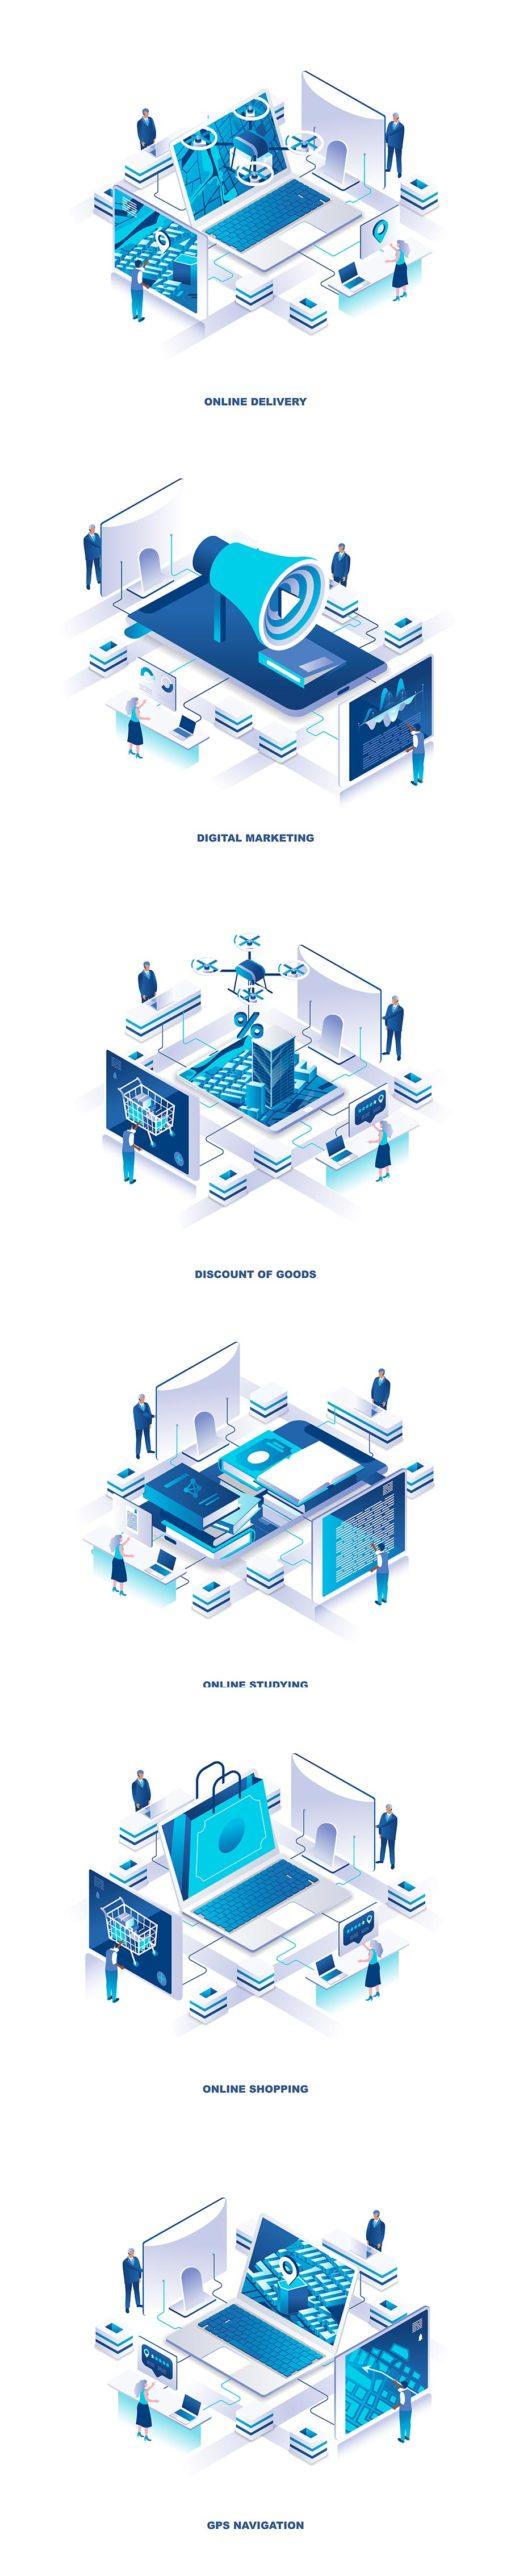 多用途的时尚高端清新简约2.5D等轴等距3D立体插画海报banner着落页设计模板集合(AI,EPS,JPG,PNG,PDF,SVG)2.5D-data-isometric-banner-flat-concept